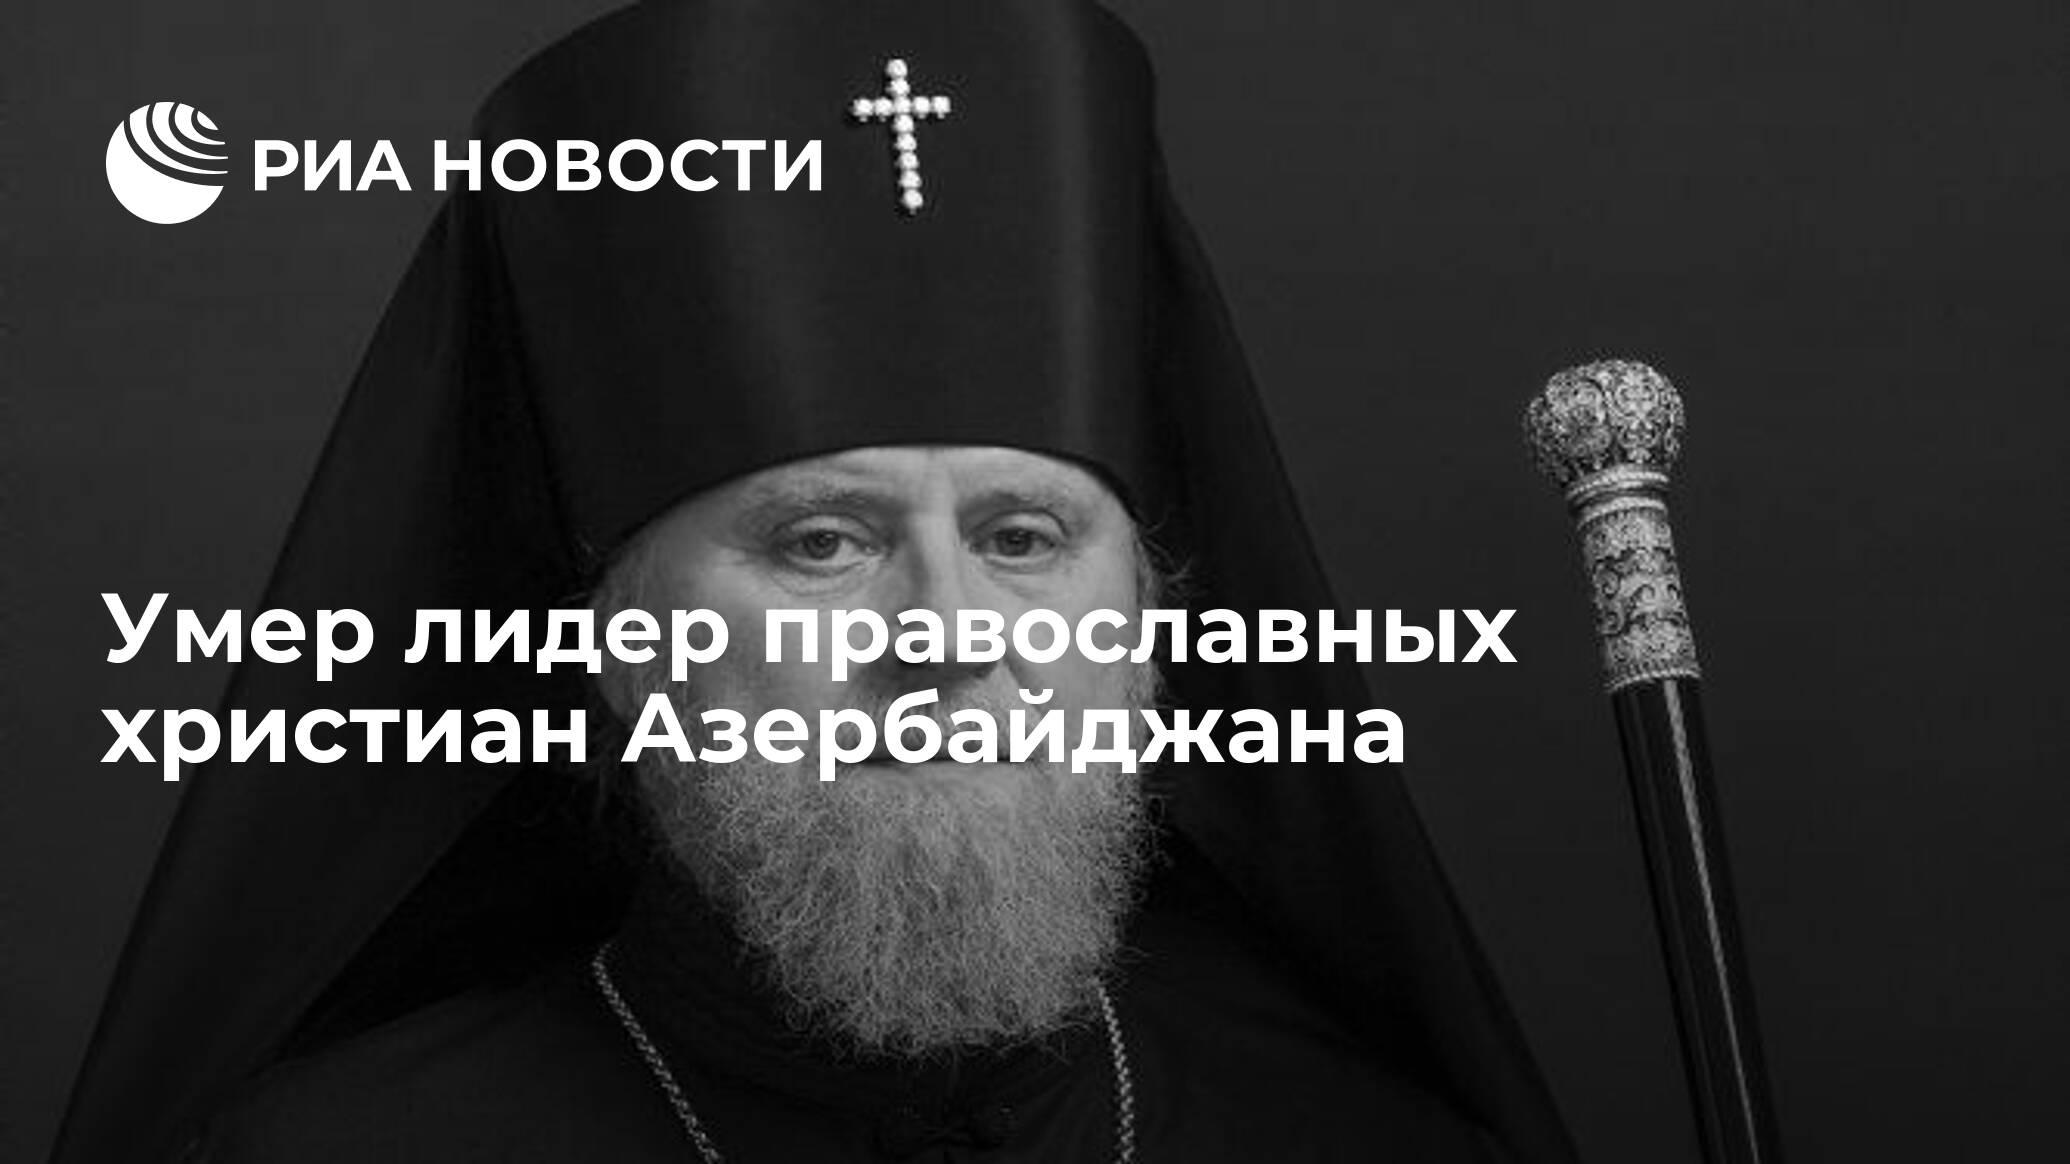 Умер лидер православных христиан Азербайджана